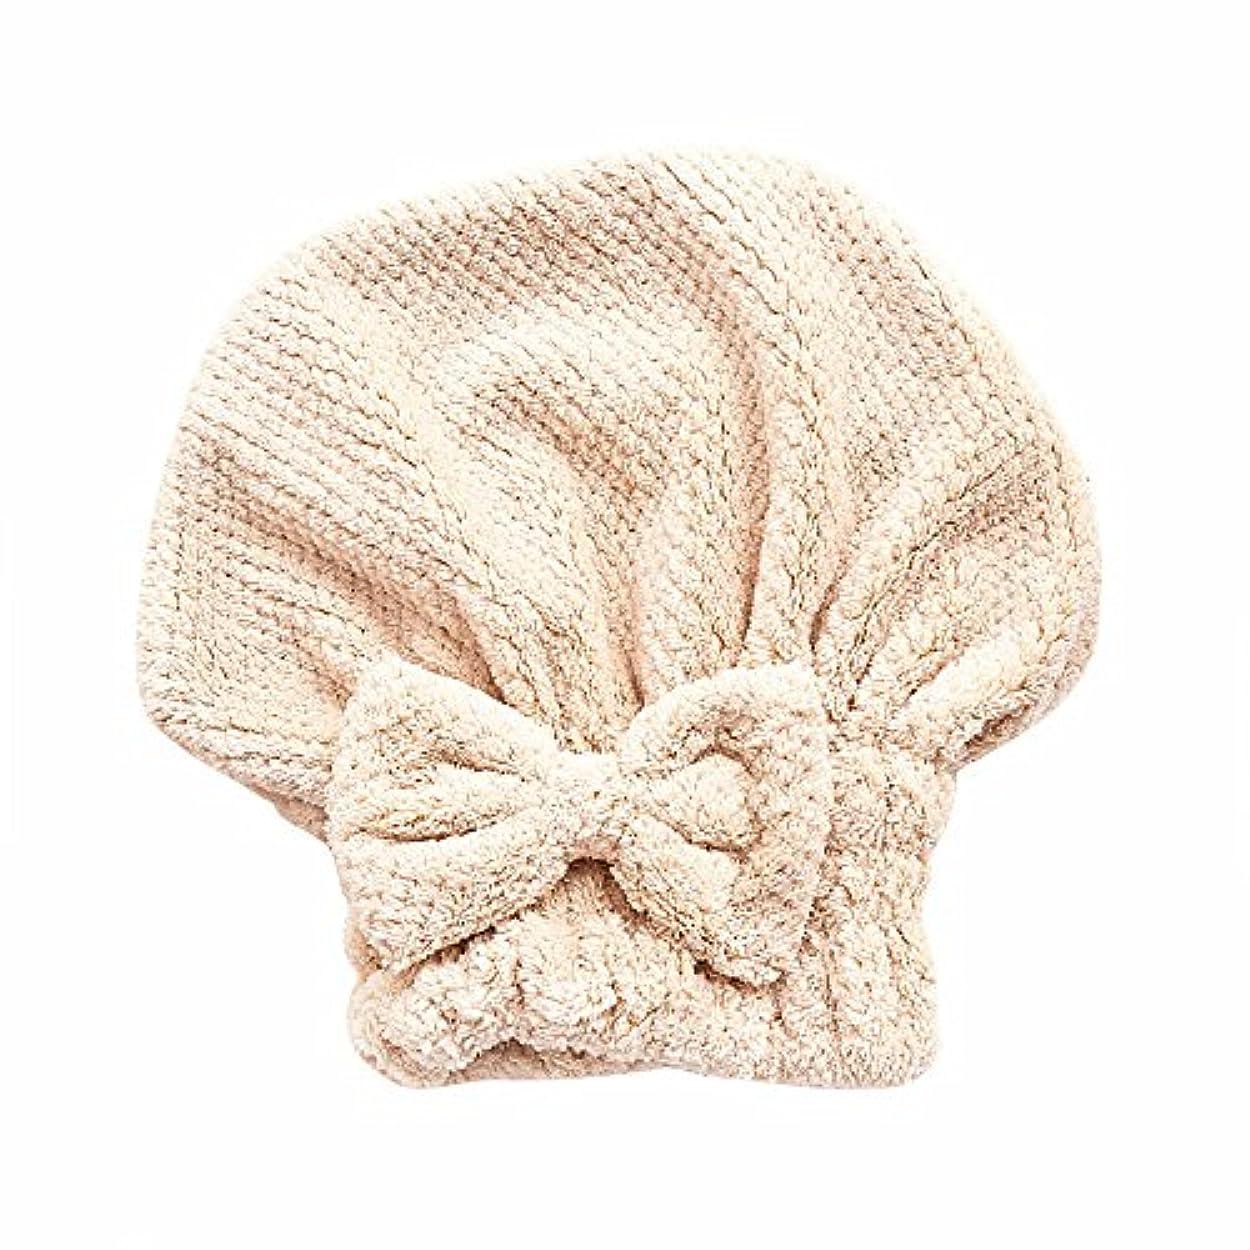 料理気質期待するボコダダ(Vocodada)タオルキャップ ヘアキャップ 吸水 ヘアドライタオル 速乾 マイクロファイバー ヘア 乾燥 タオル 帽子 キャップ 風呂 ふわふわ 厚い 蝶結び 可愛い お姫様 26*27cm (カーキ)